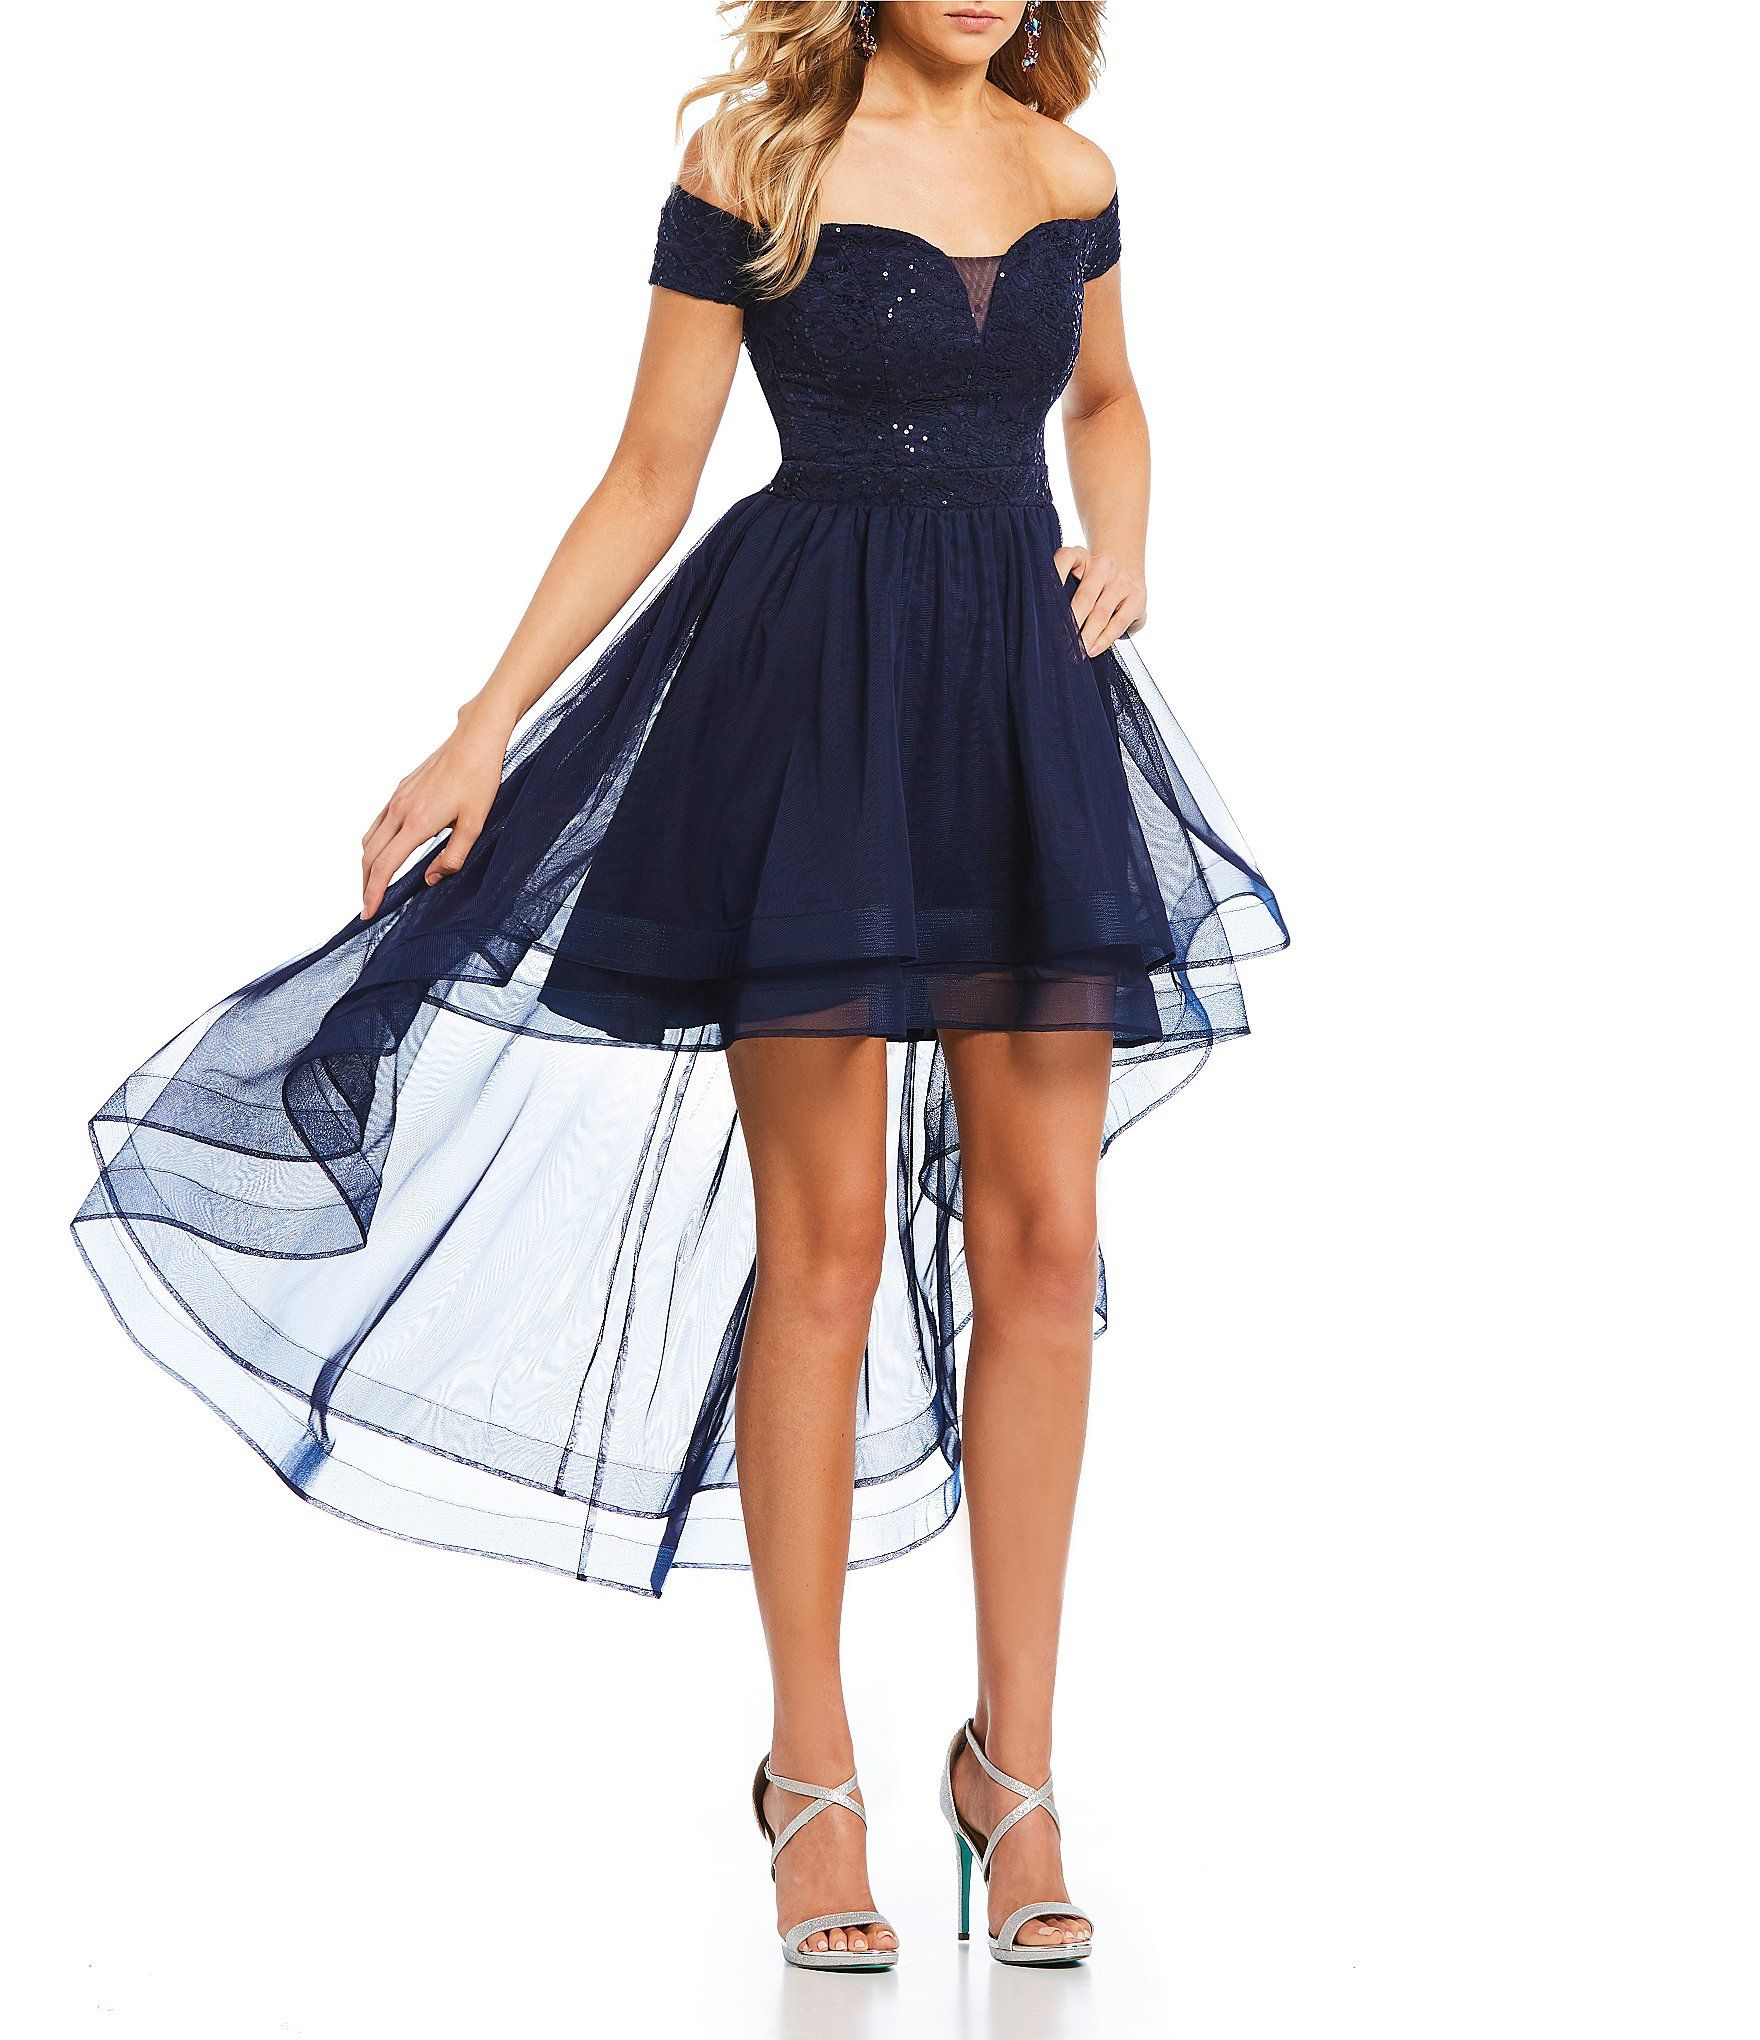 B darlin offtheshoulder mesh highlow dress in dresses